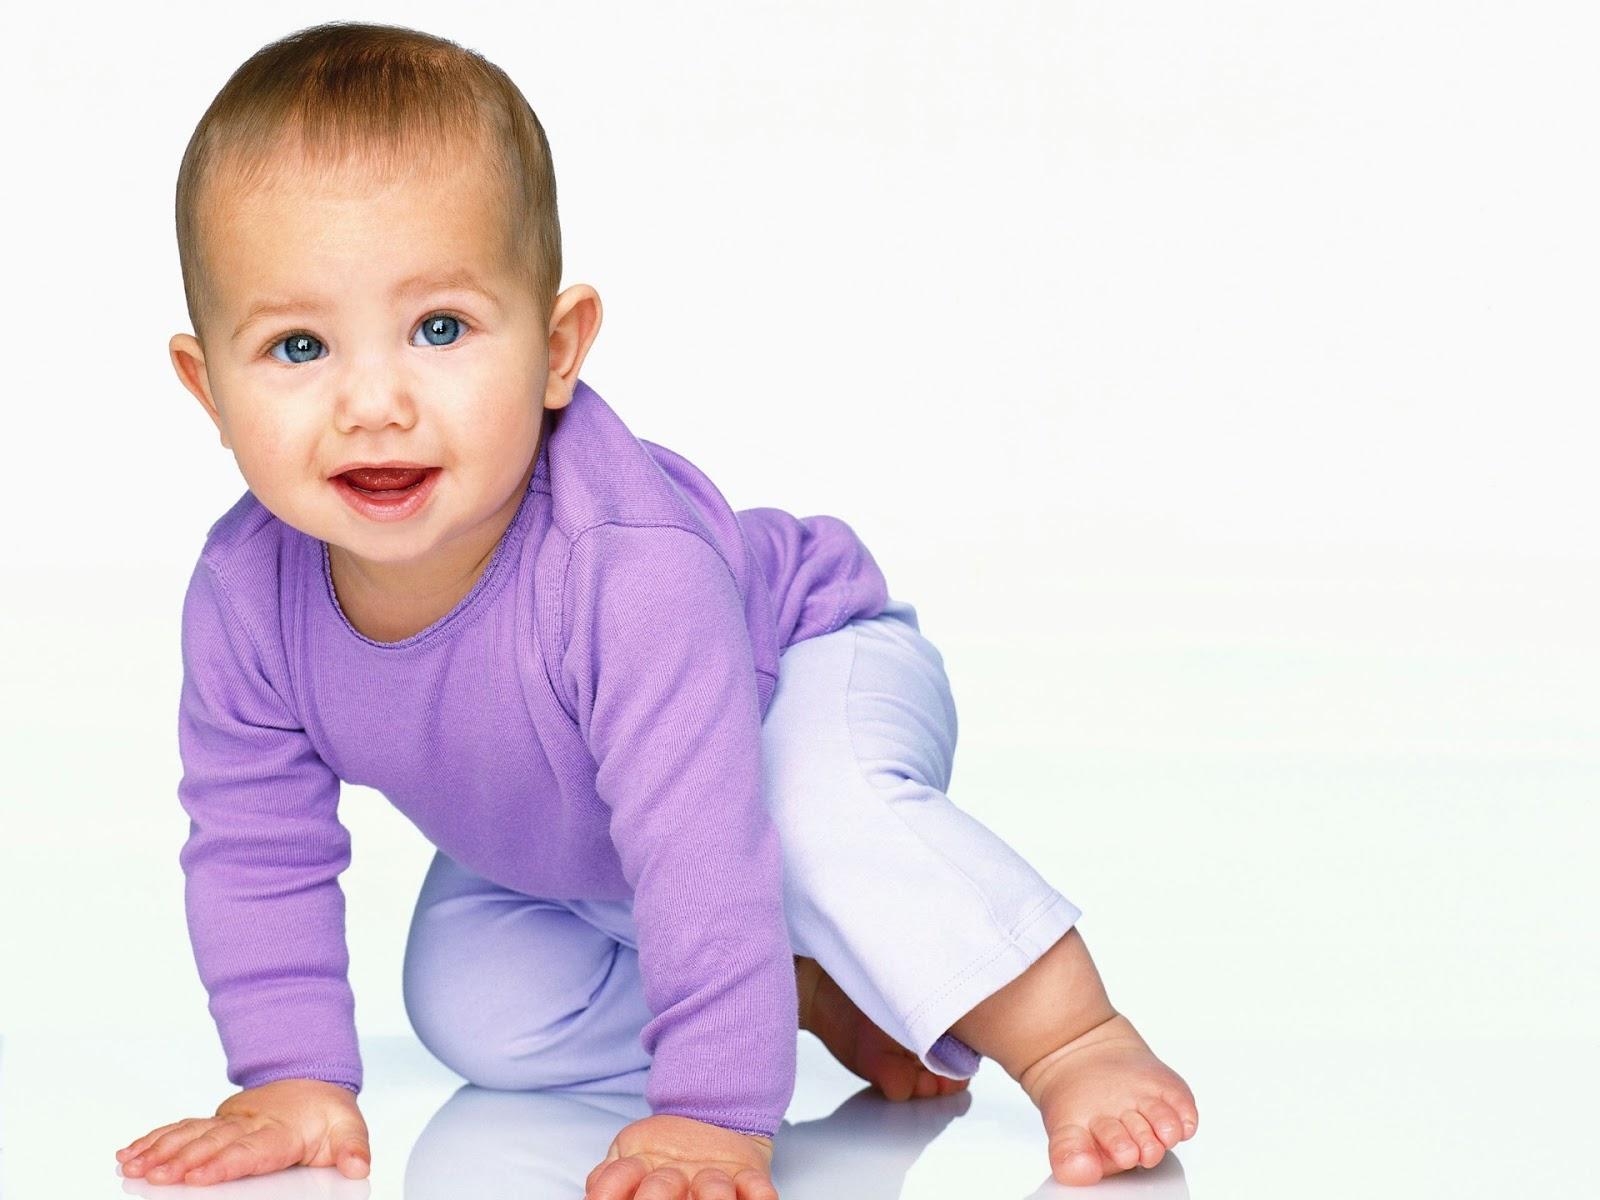 Gyerekcipő kisokos: Mekkorát nő a gyerek lába